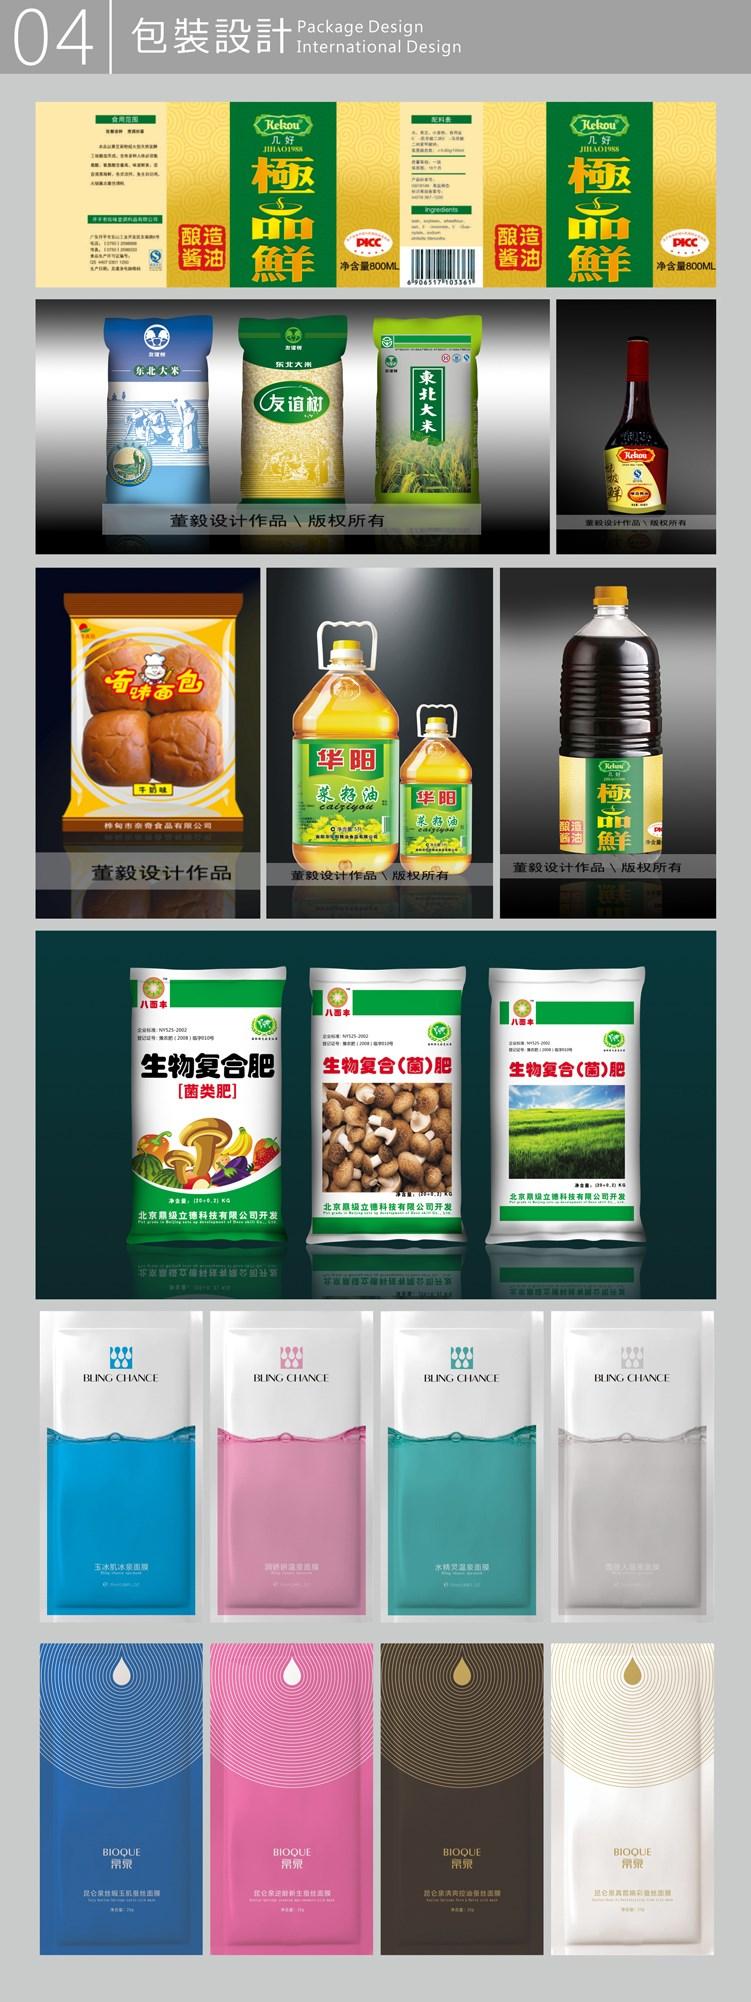 南阳叁象美集品牌设计机构